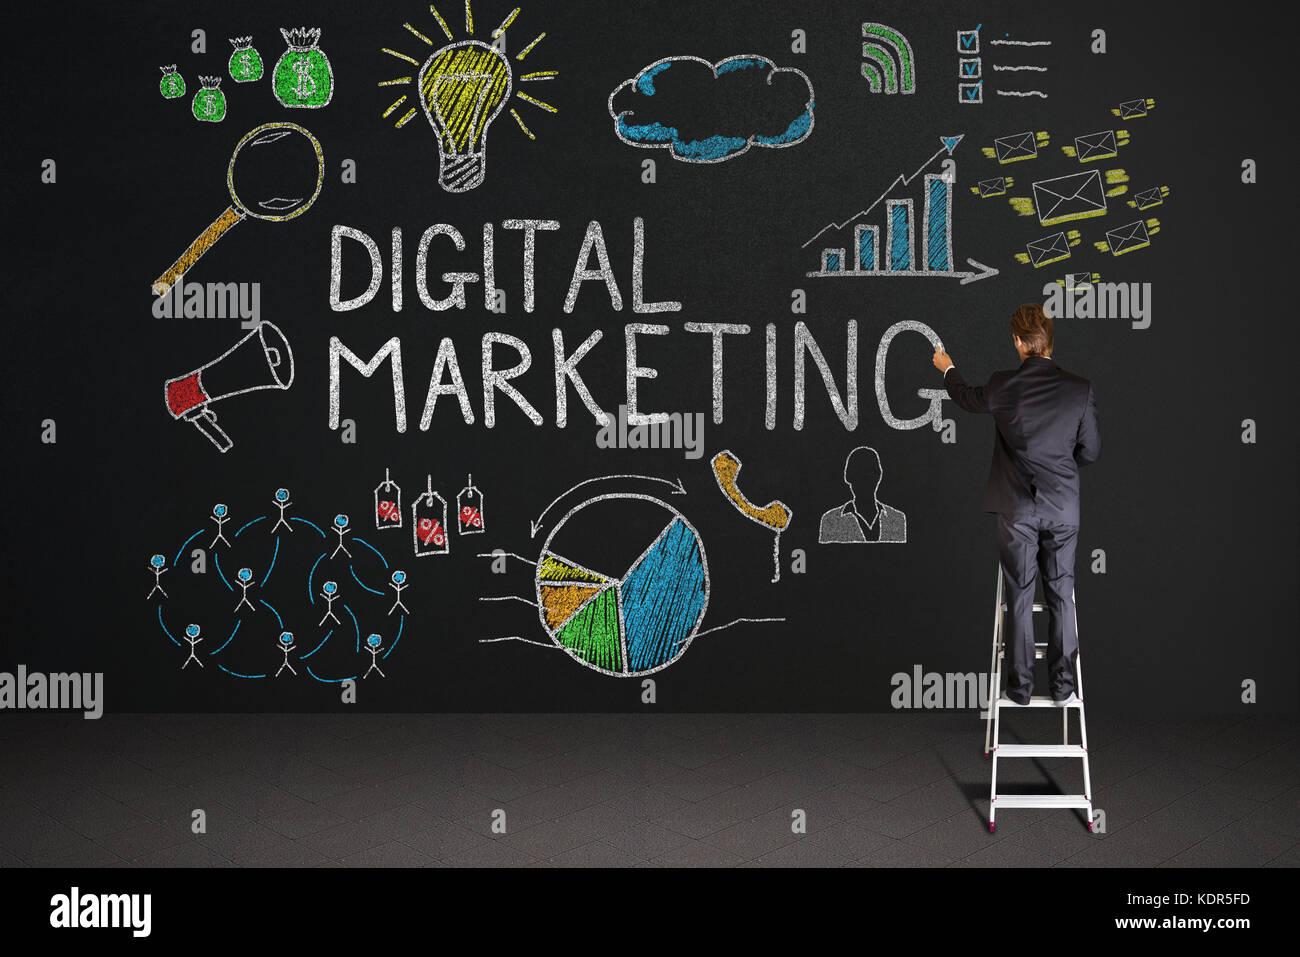 Vue arrière du businessman standing on staircase dessin digital marketing concept sur tableau noir Banque D'Images